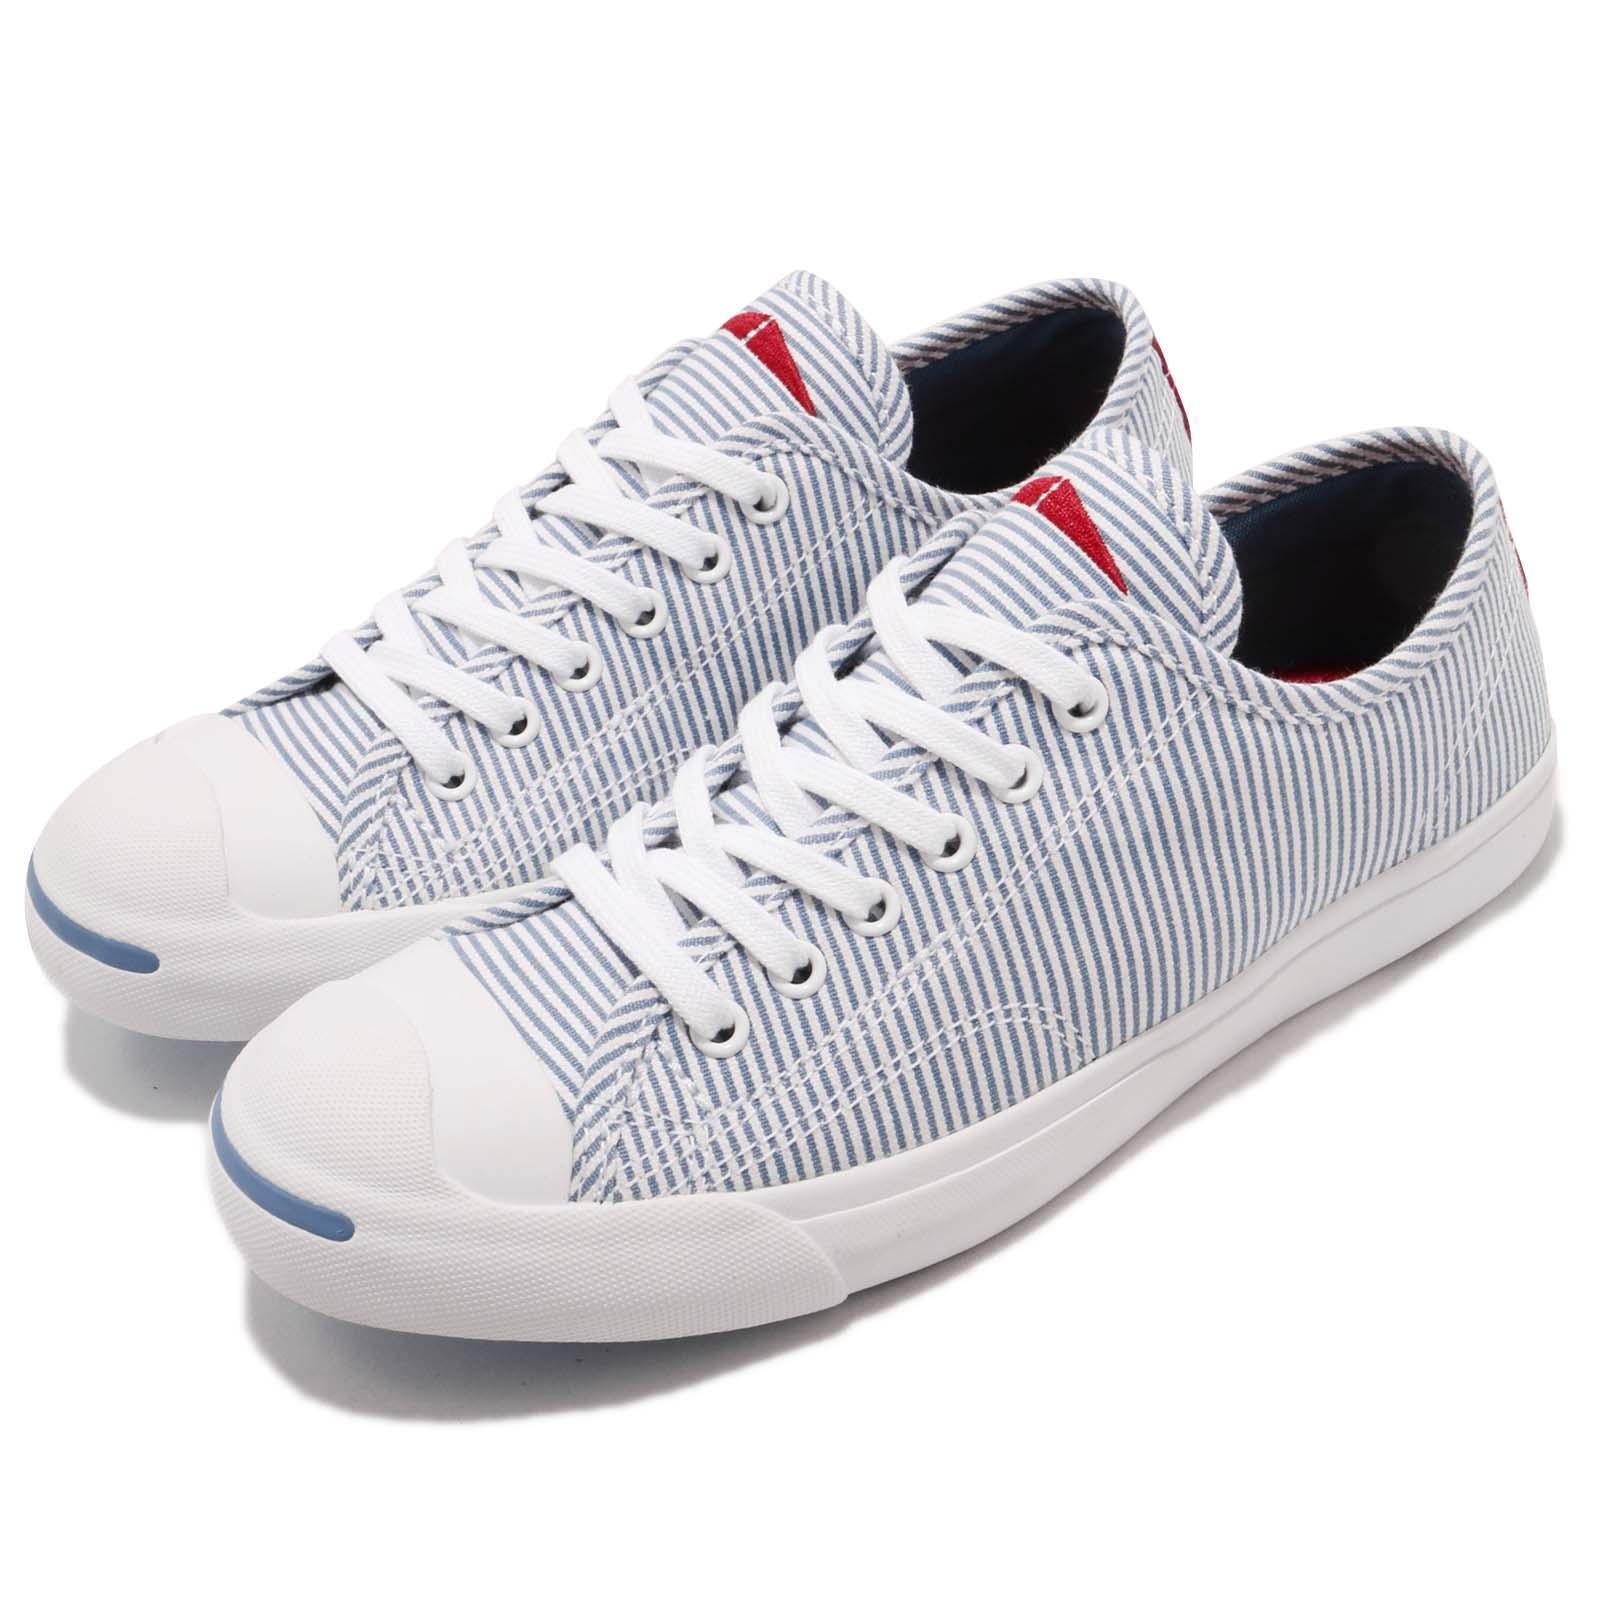 Converse Jack Purcell LP L/S Blue White Canvas Women Casual Shoe Sneaker 560834C